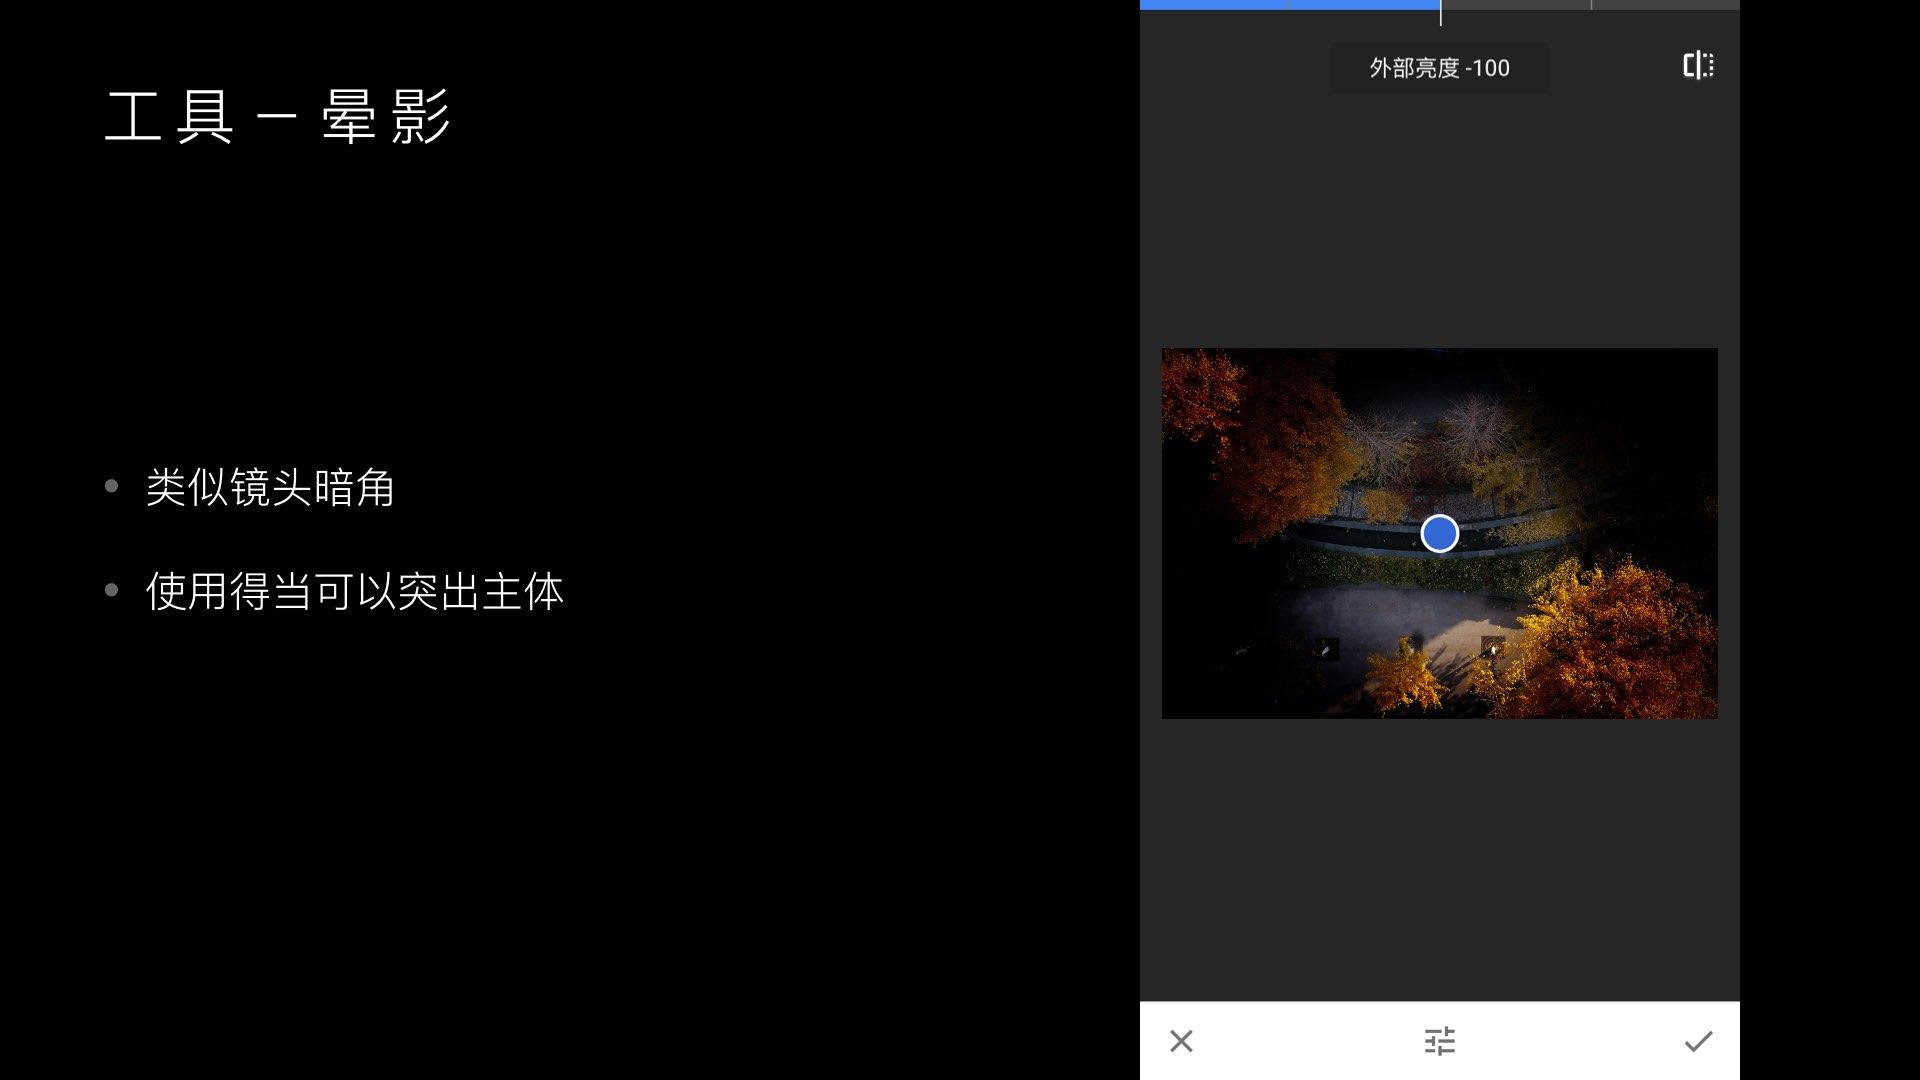 化腐朽为神奇,Snapseed图片编辑教程.018.jpeg